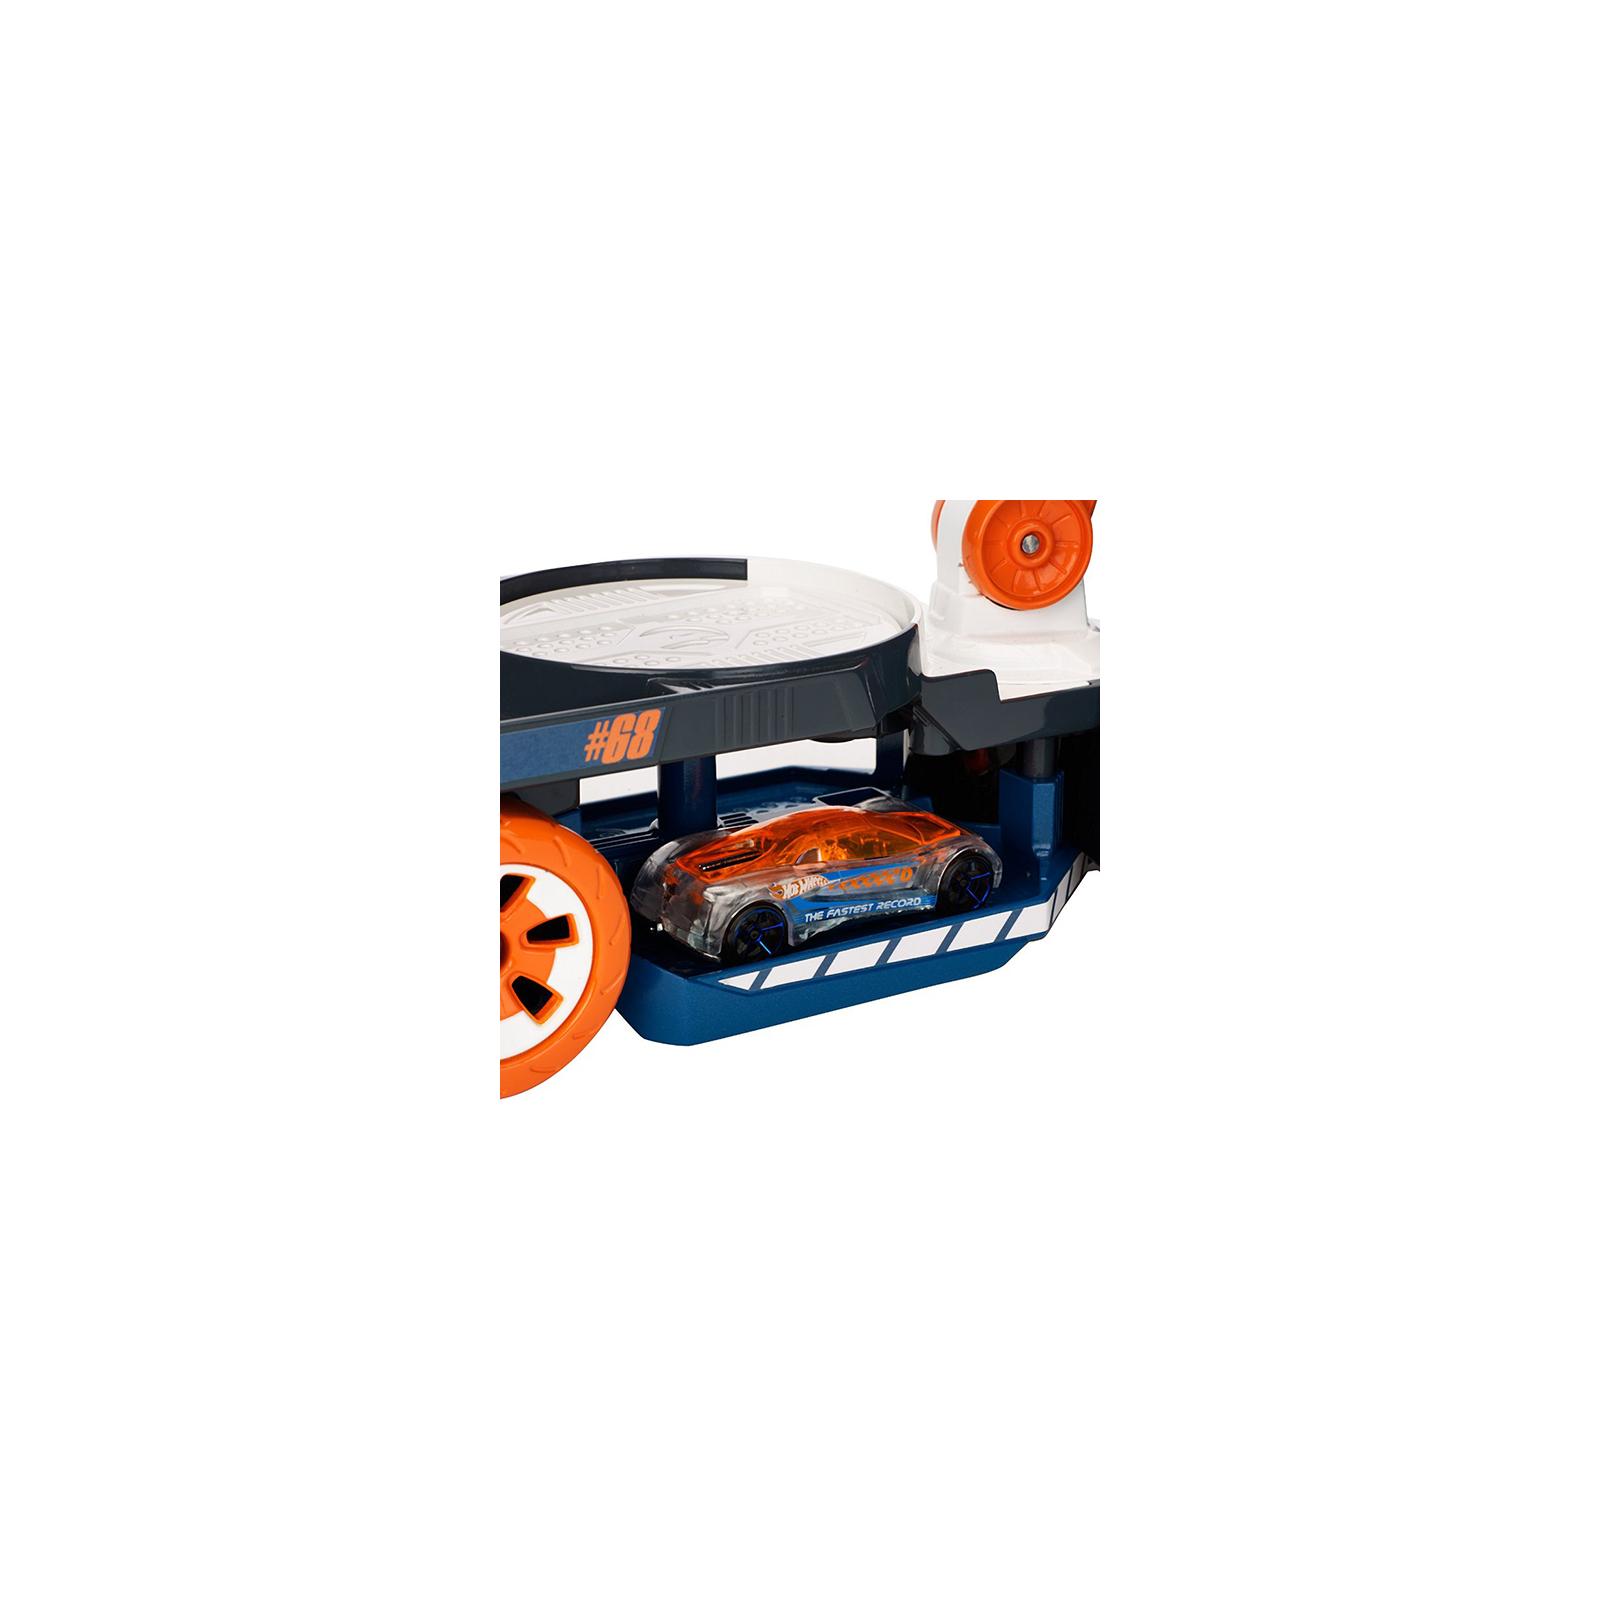 Машина Hot Wheels Эвакуатор со звуковыми и световыми эффектами (DJC69) изображение 4